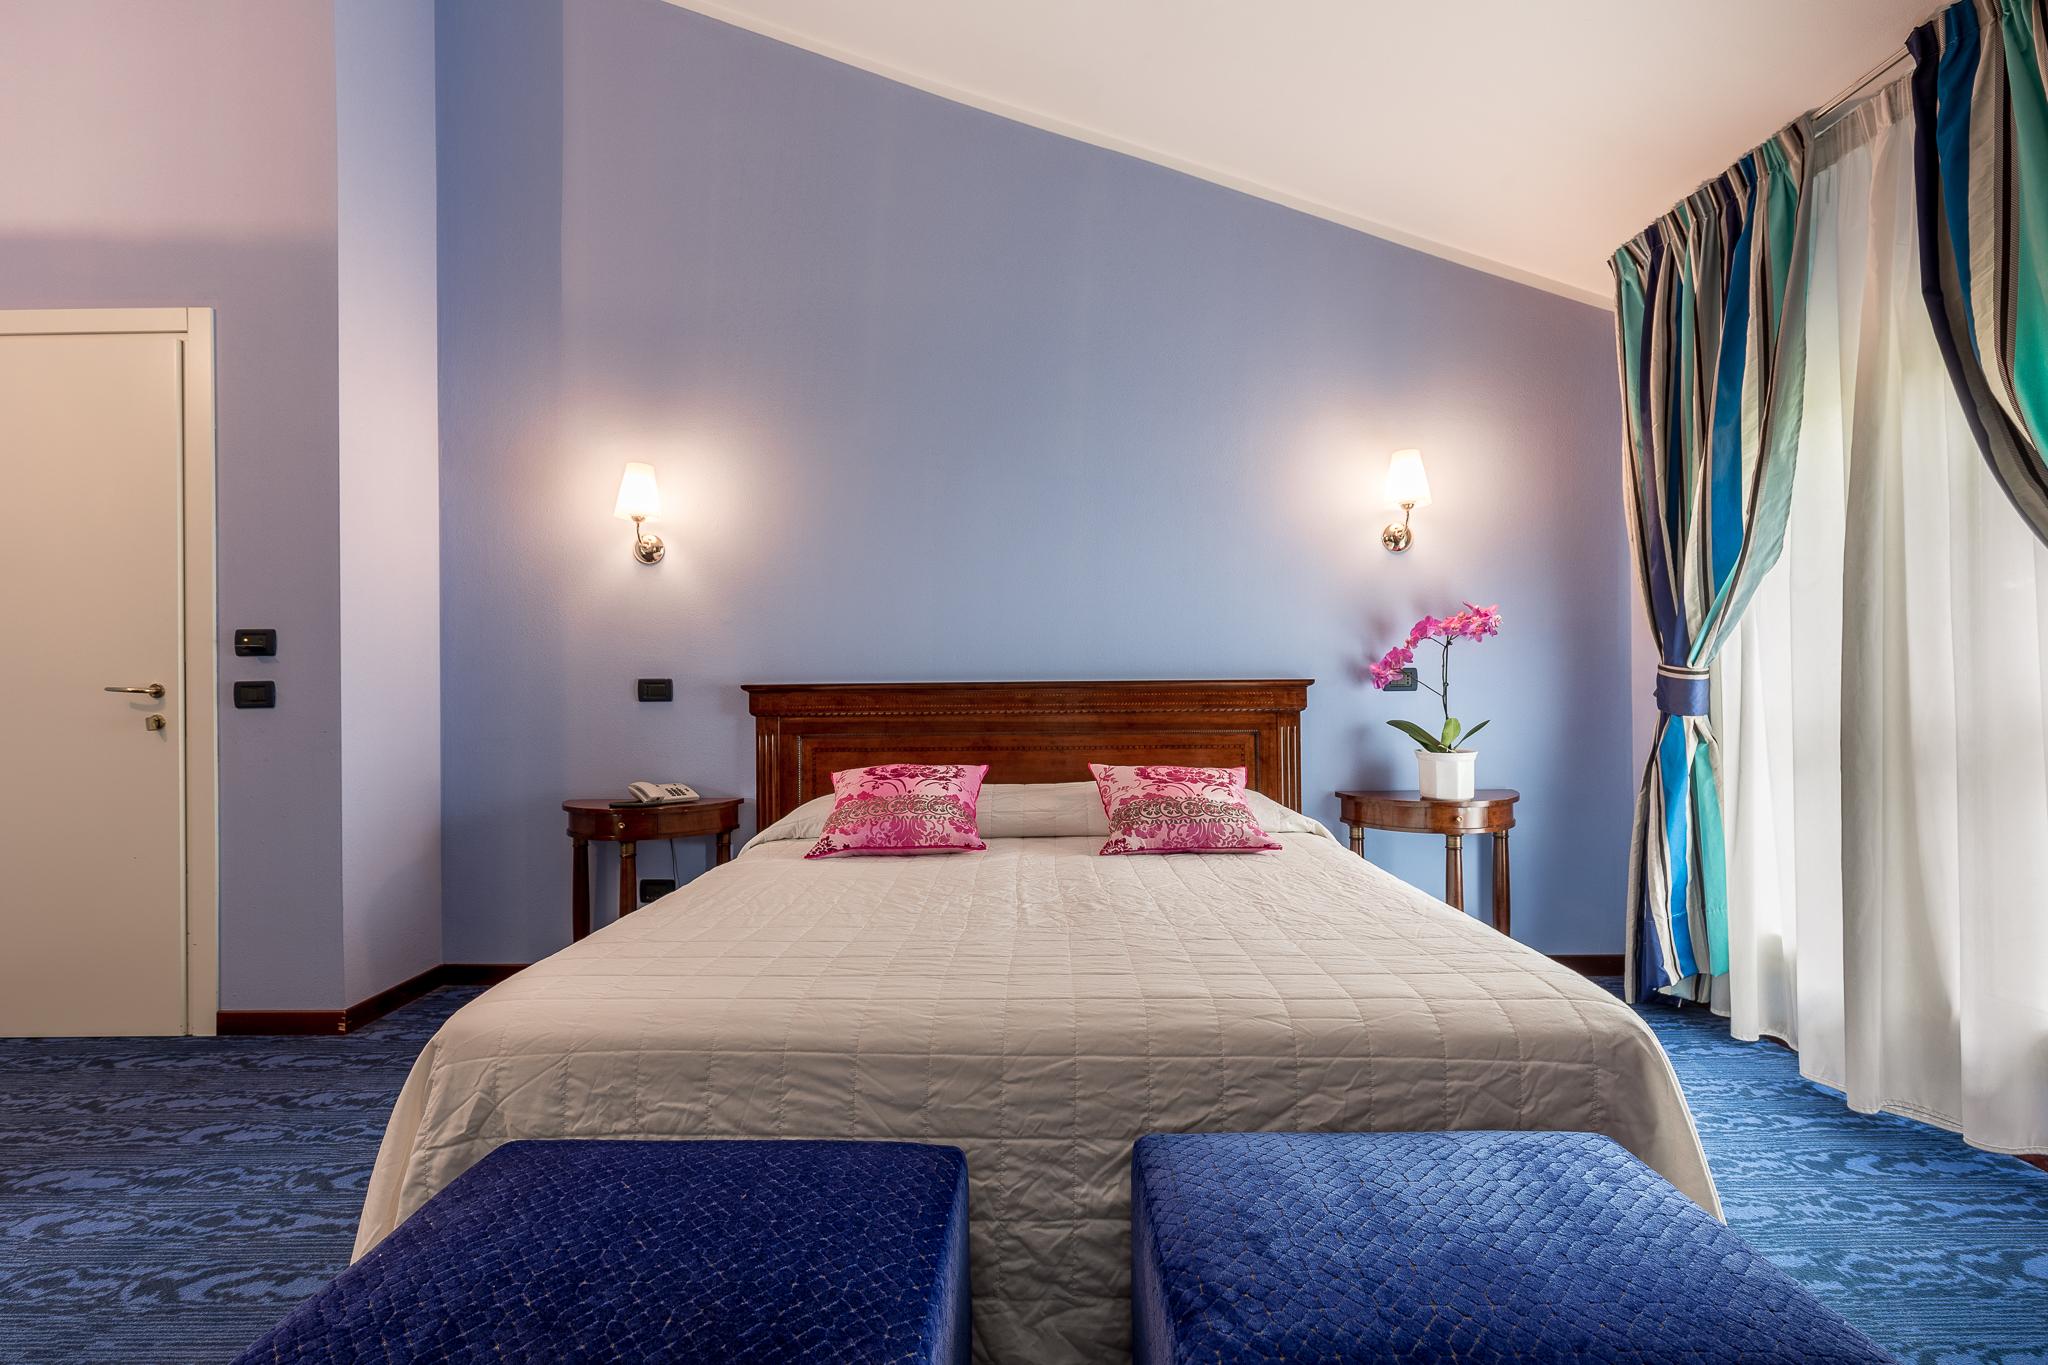 hotel_castello-9184-HDR-66